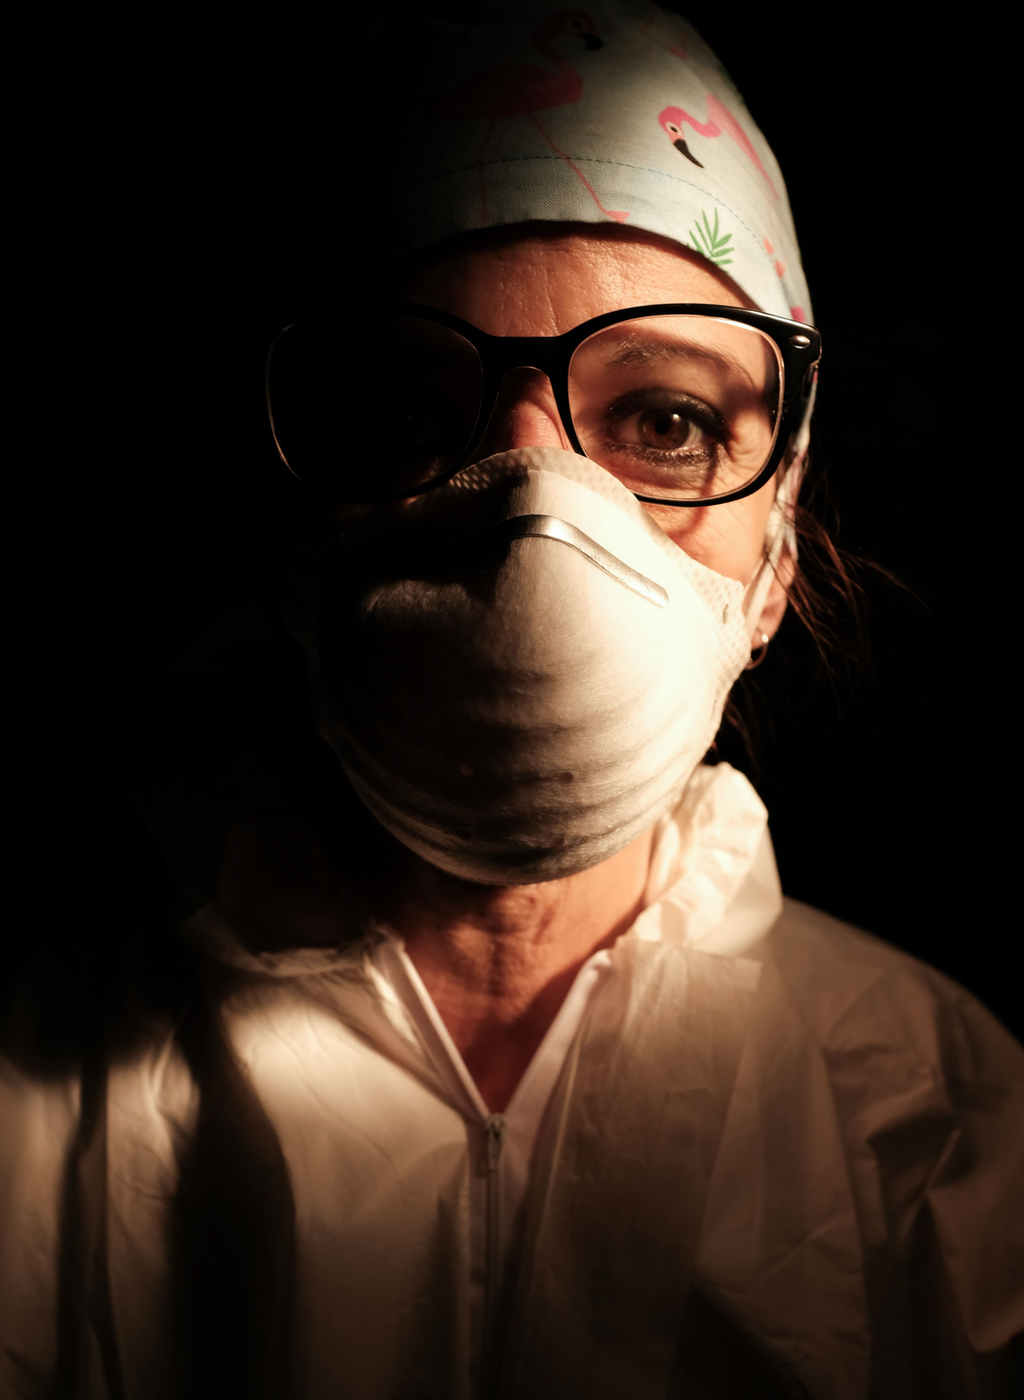 Una enfermera con la cara cubierta con una máscara en un entorno oscuro